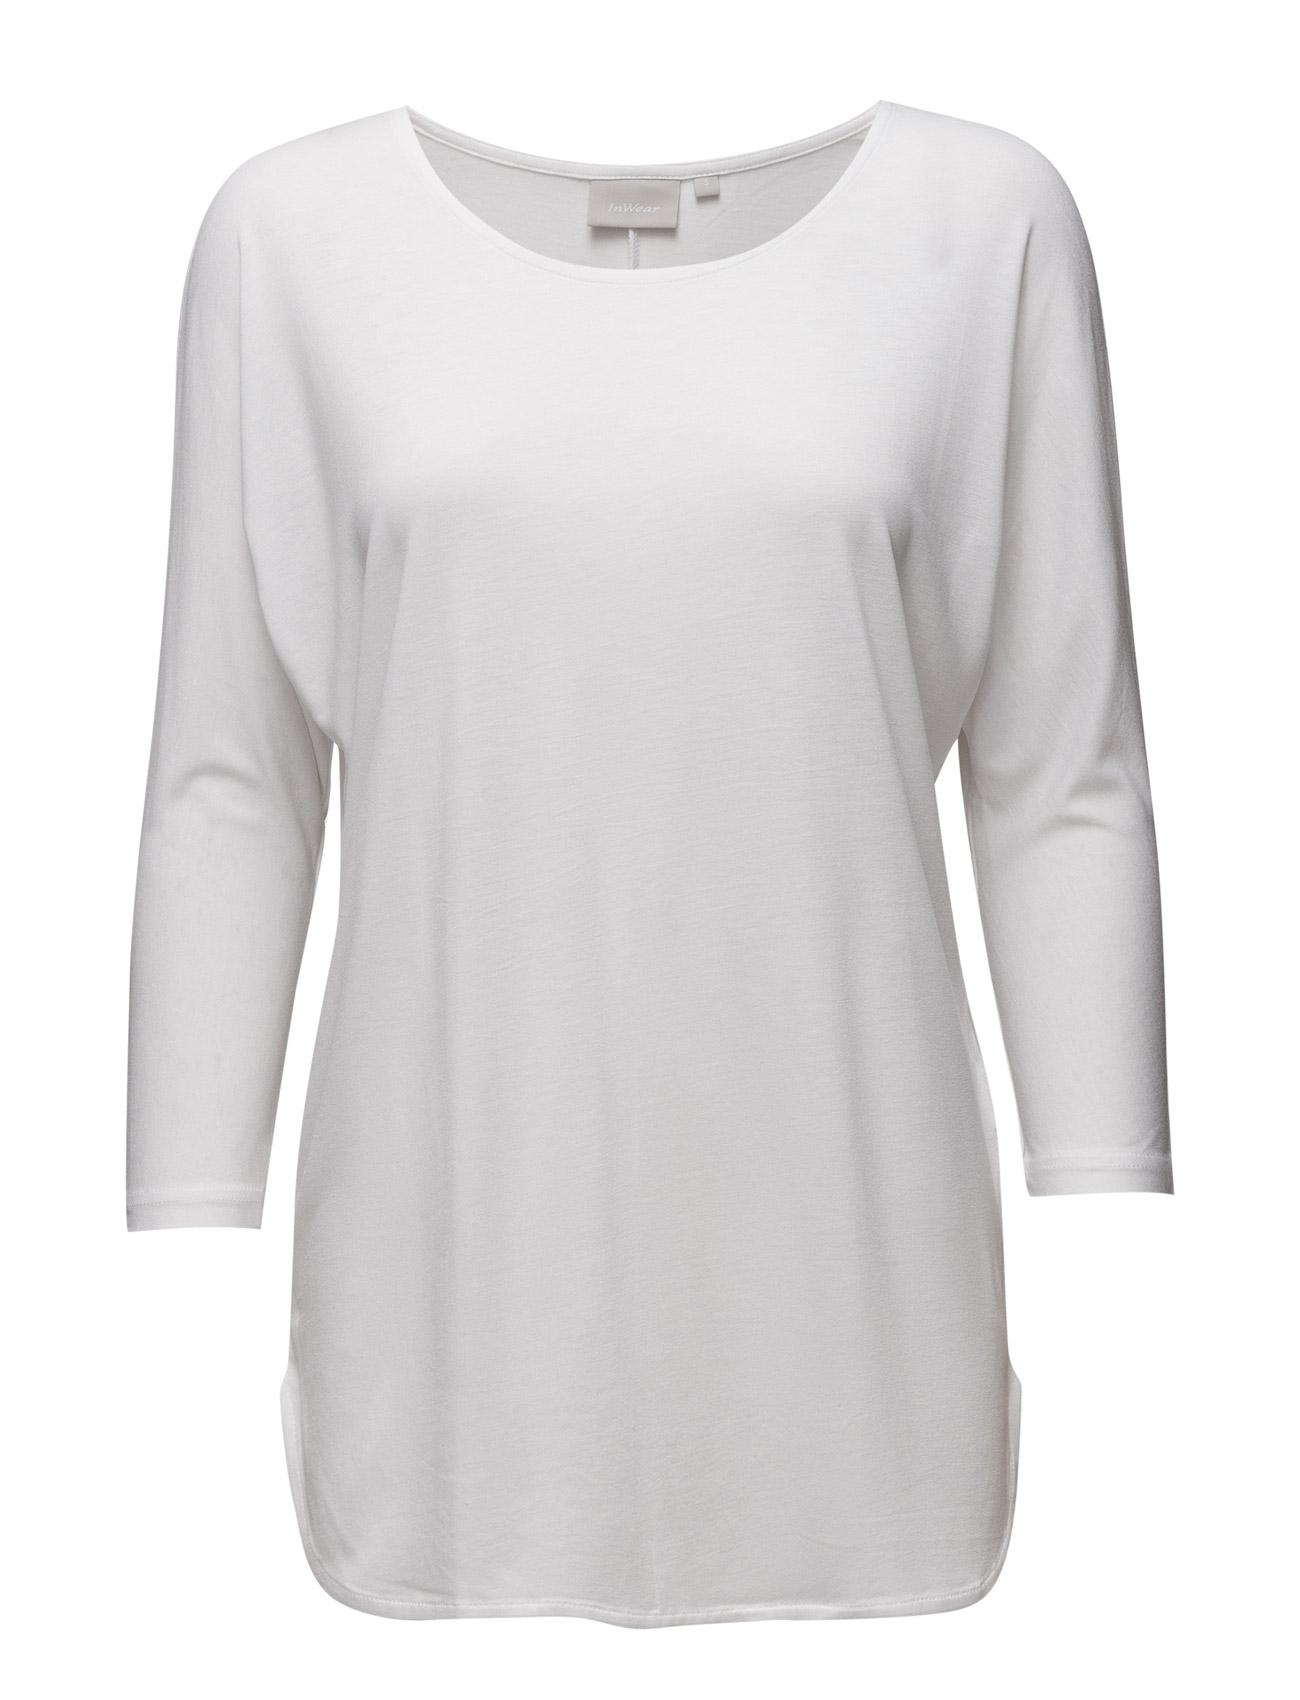 InWear Tova 3/4 sleeve - PURE WHITE